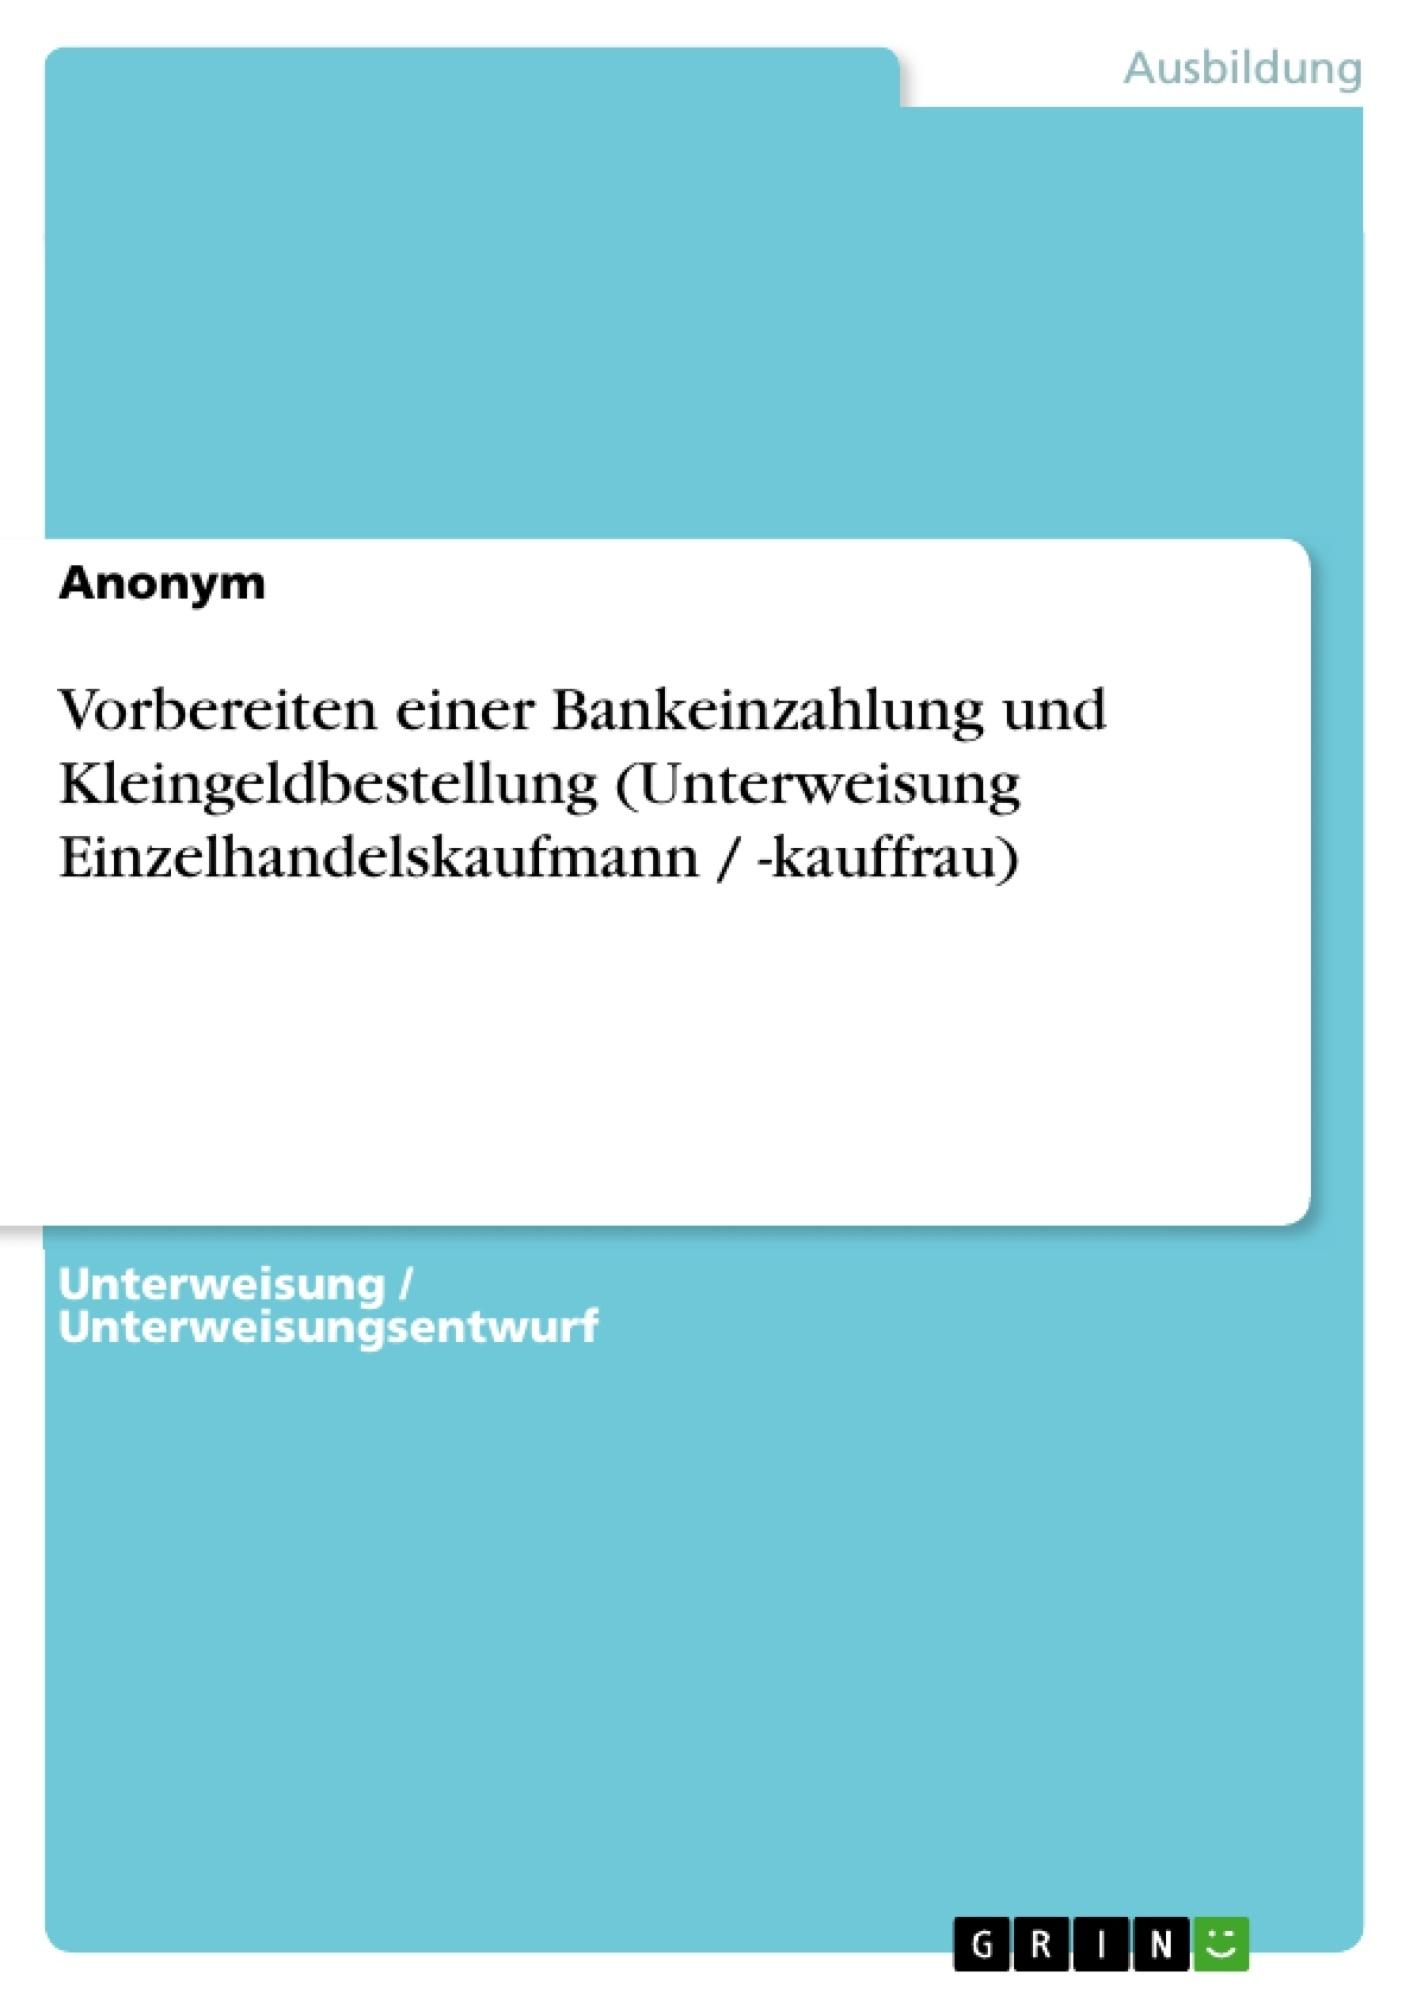 Titel: Vorbereiten einer Bankeinzahlung und Kleingeldbestellung (Unterweisung Einzelhandelskaufmann / -kauffrau)